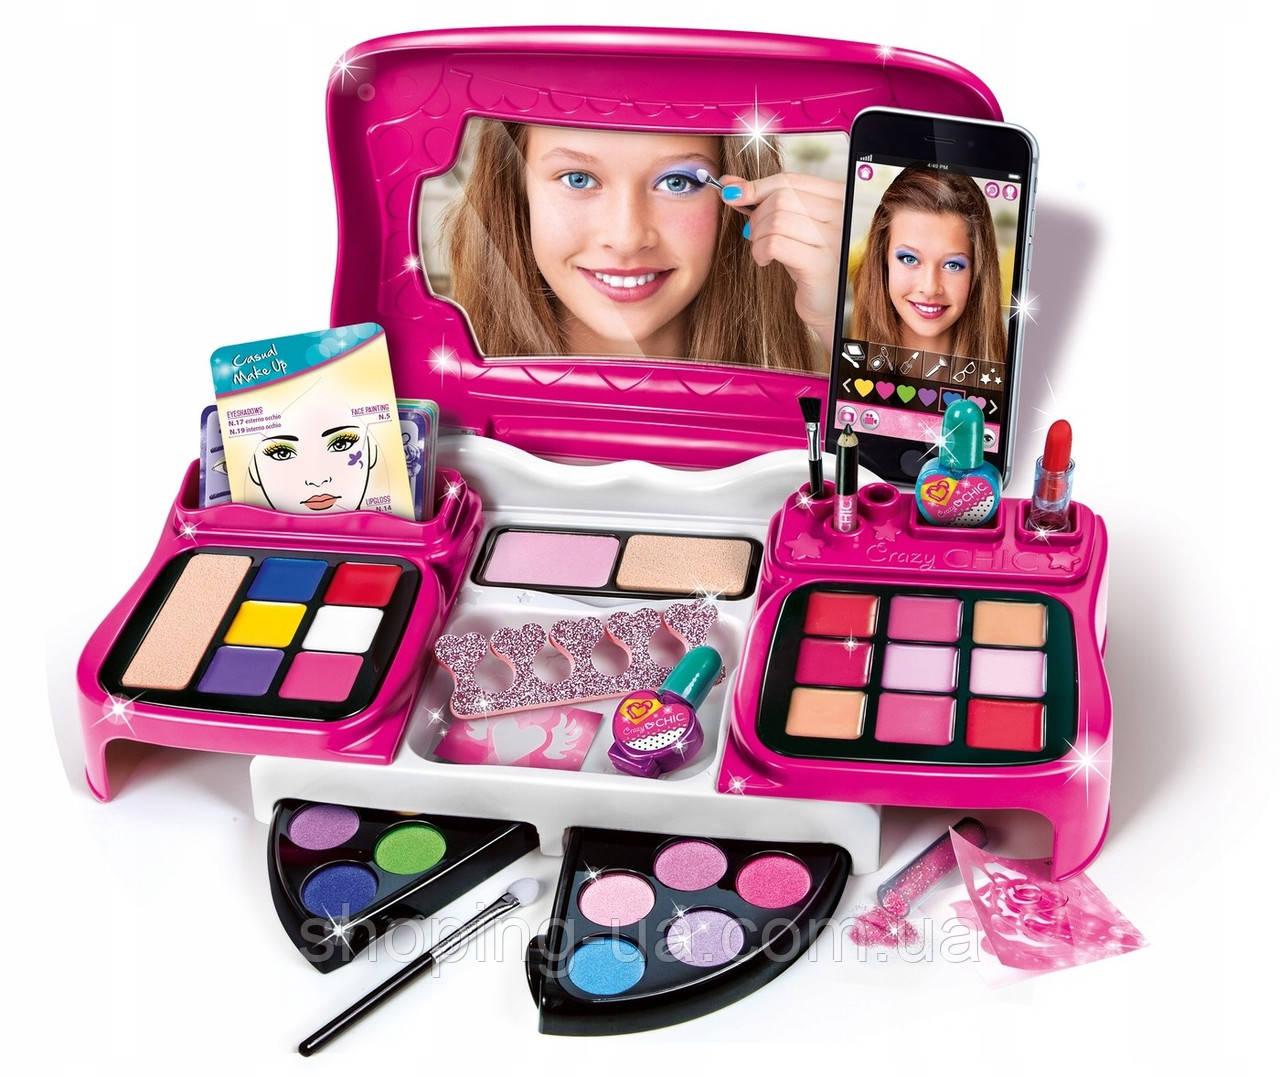 Где можно купить косметику для лица эйвон каталог сделать заказ